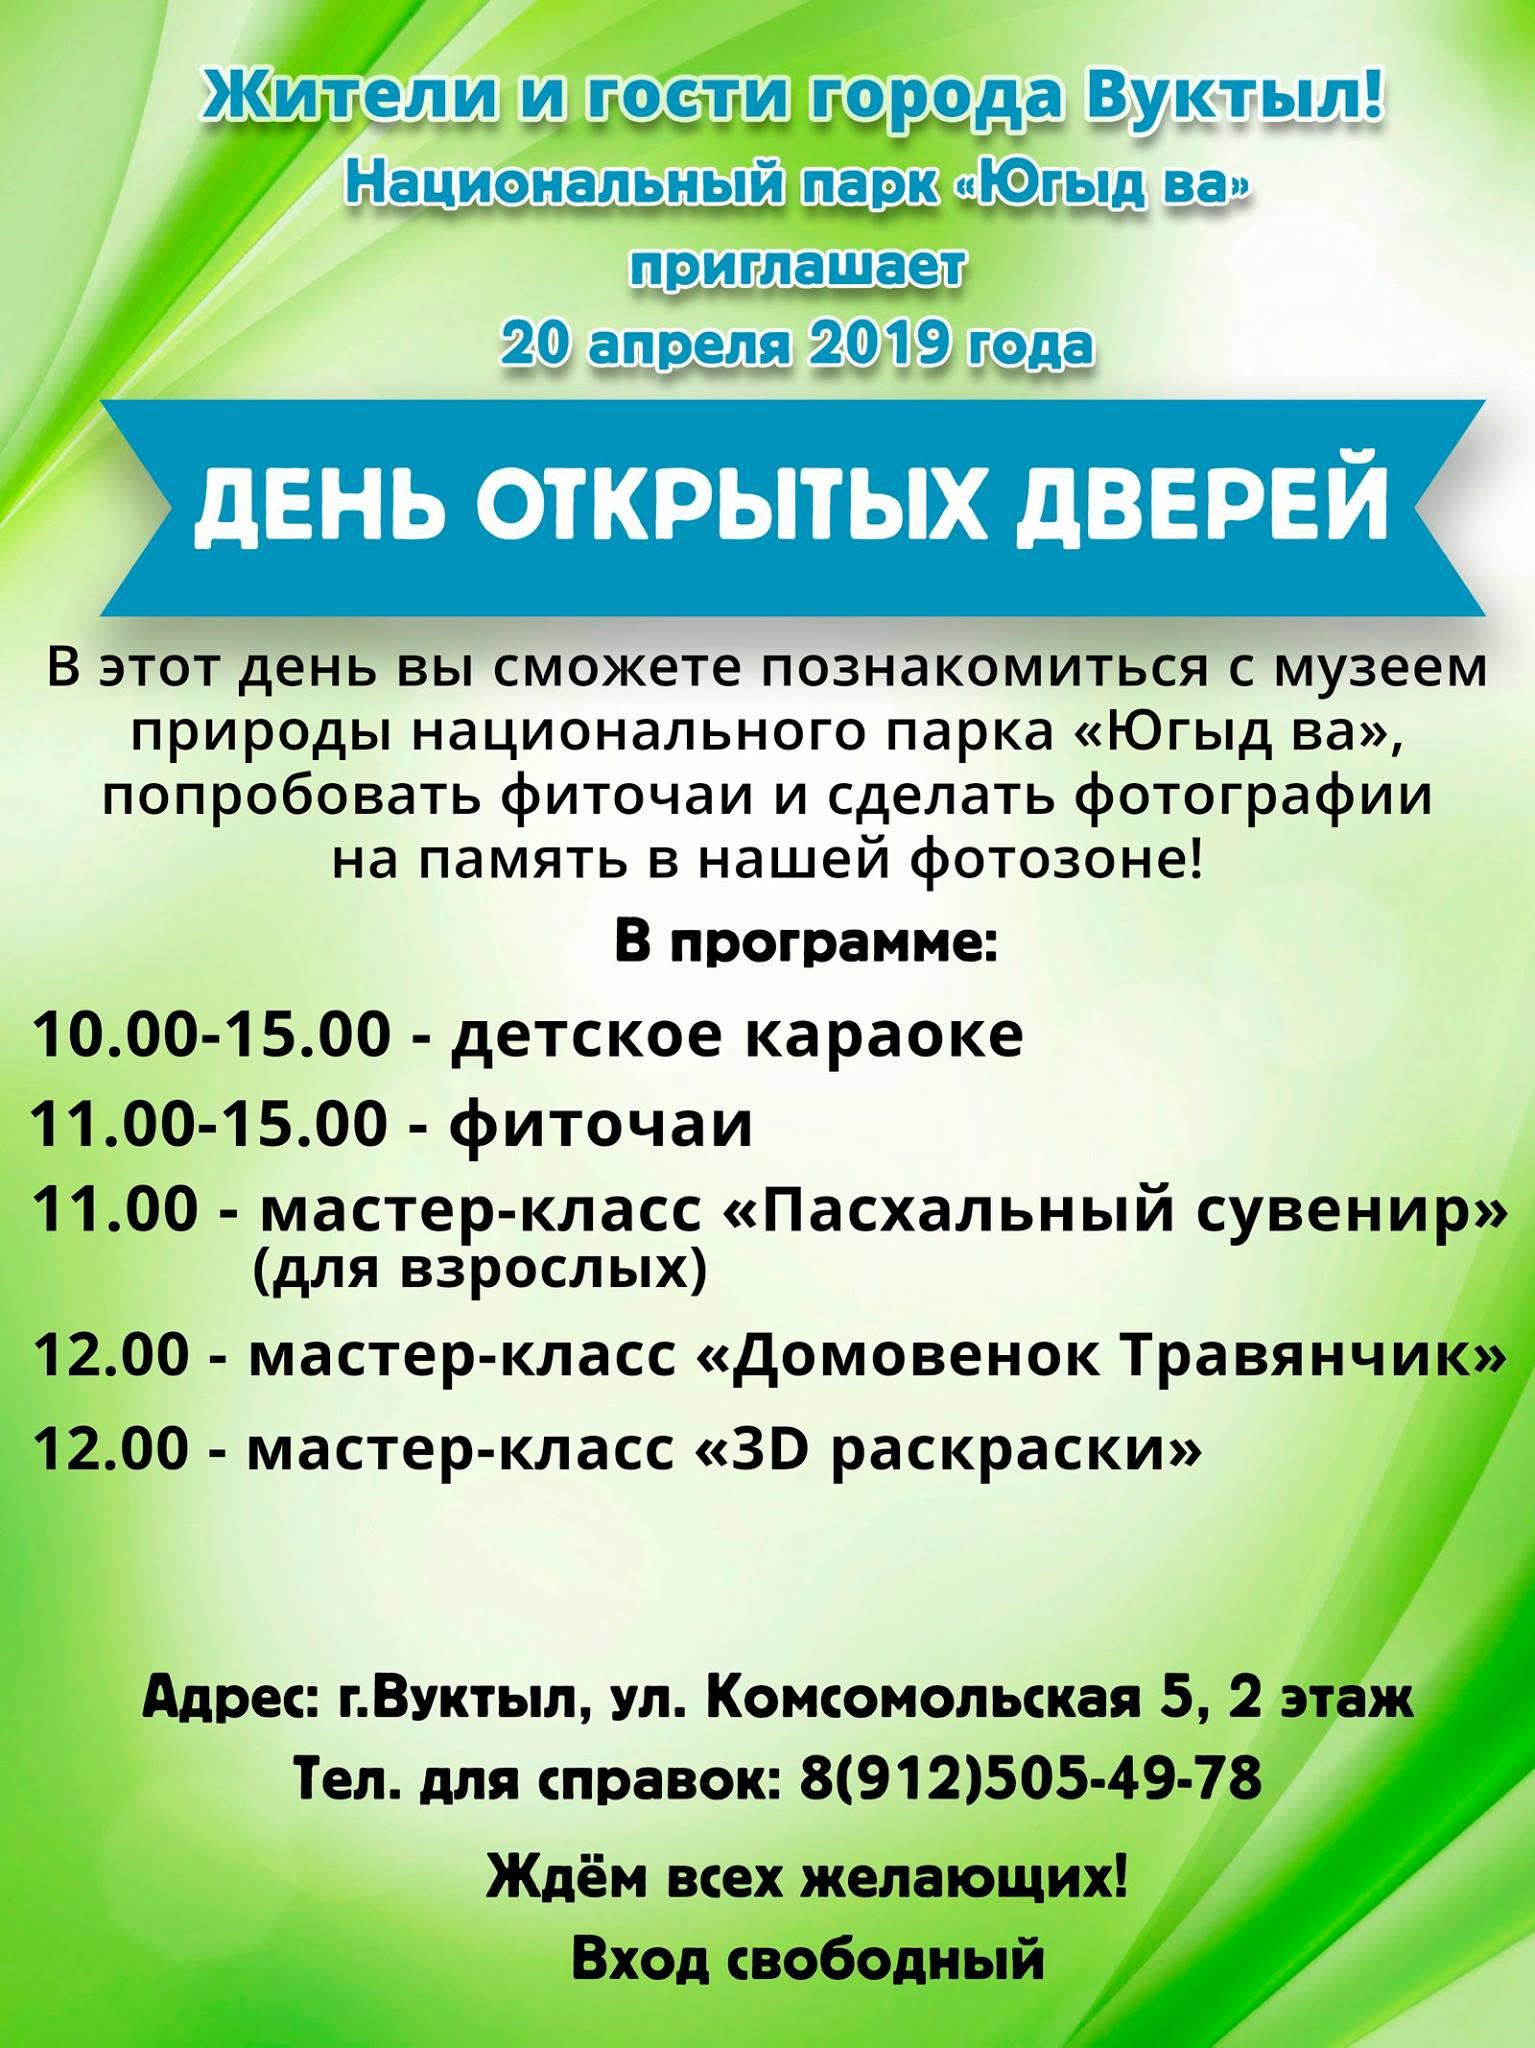 День открытых дверей национального парка «Югыд Ва»